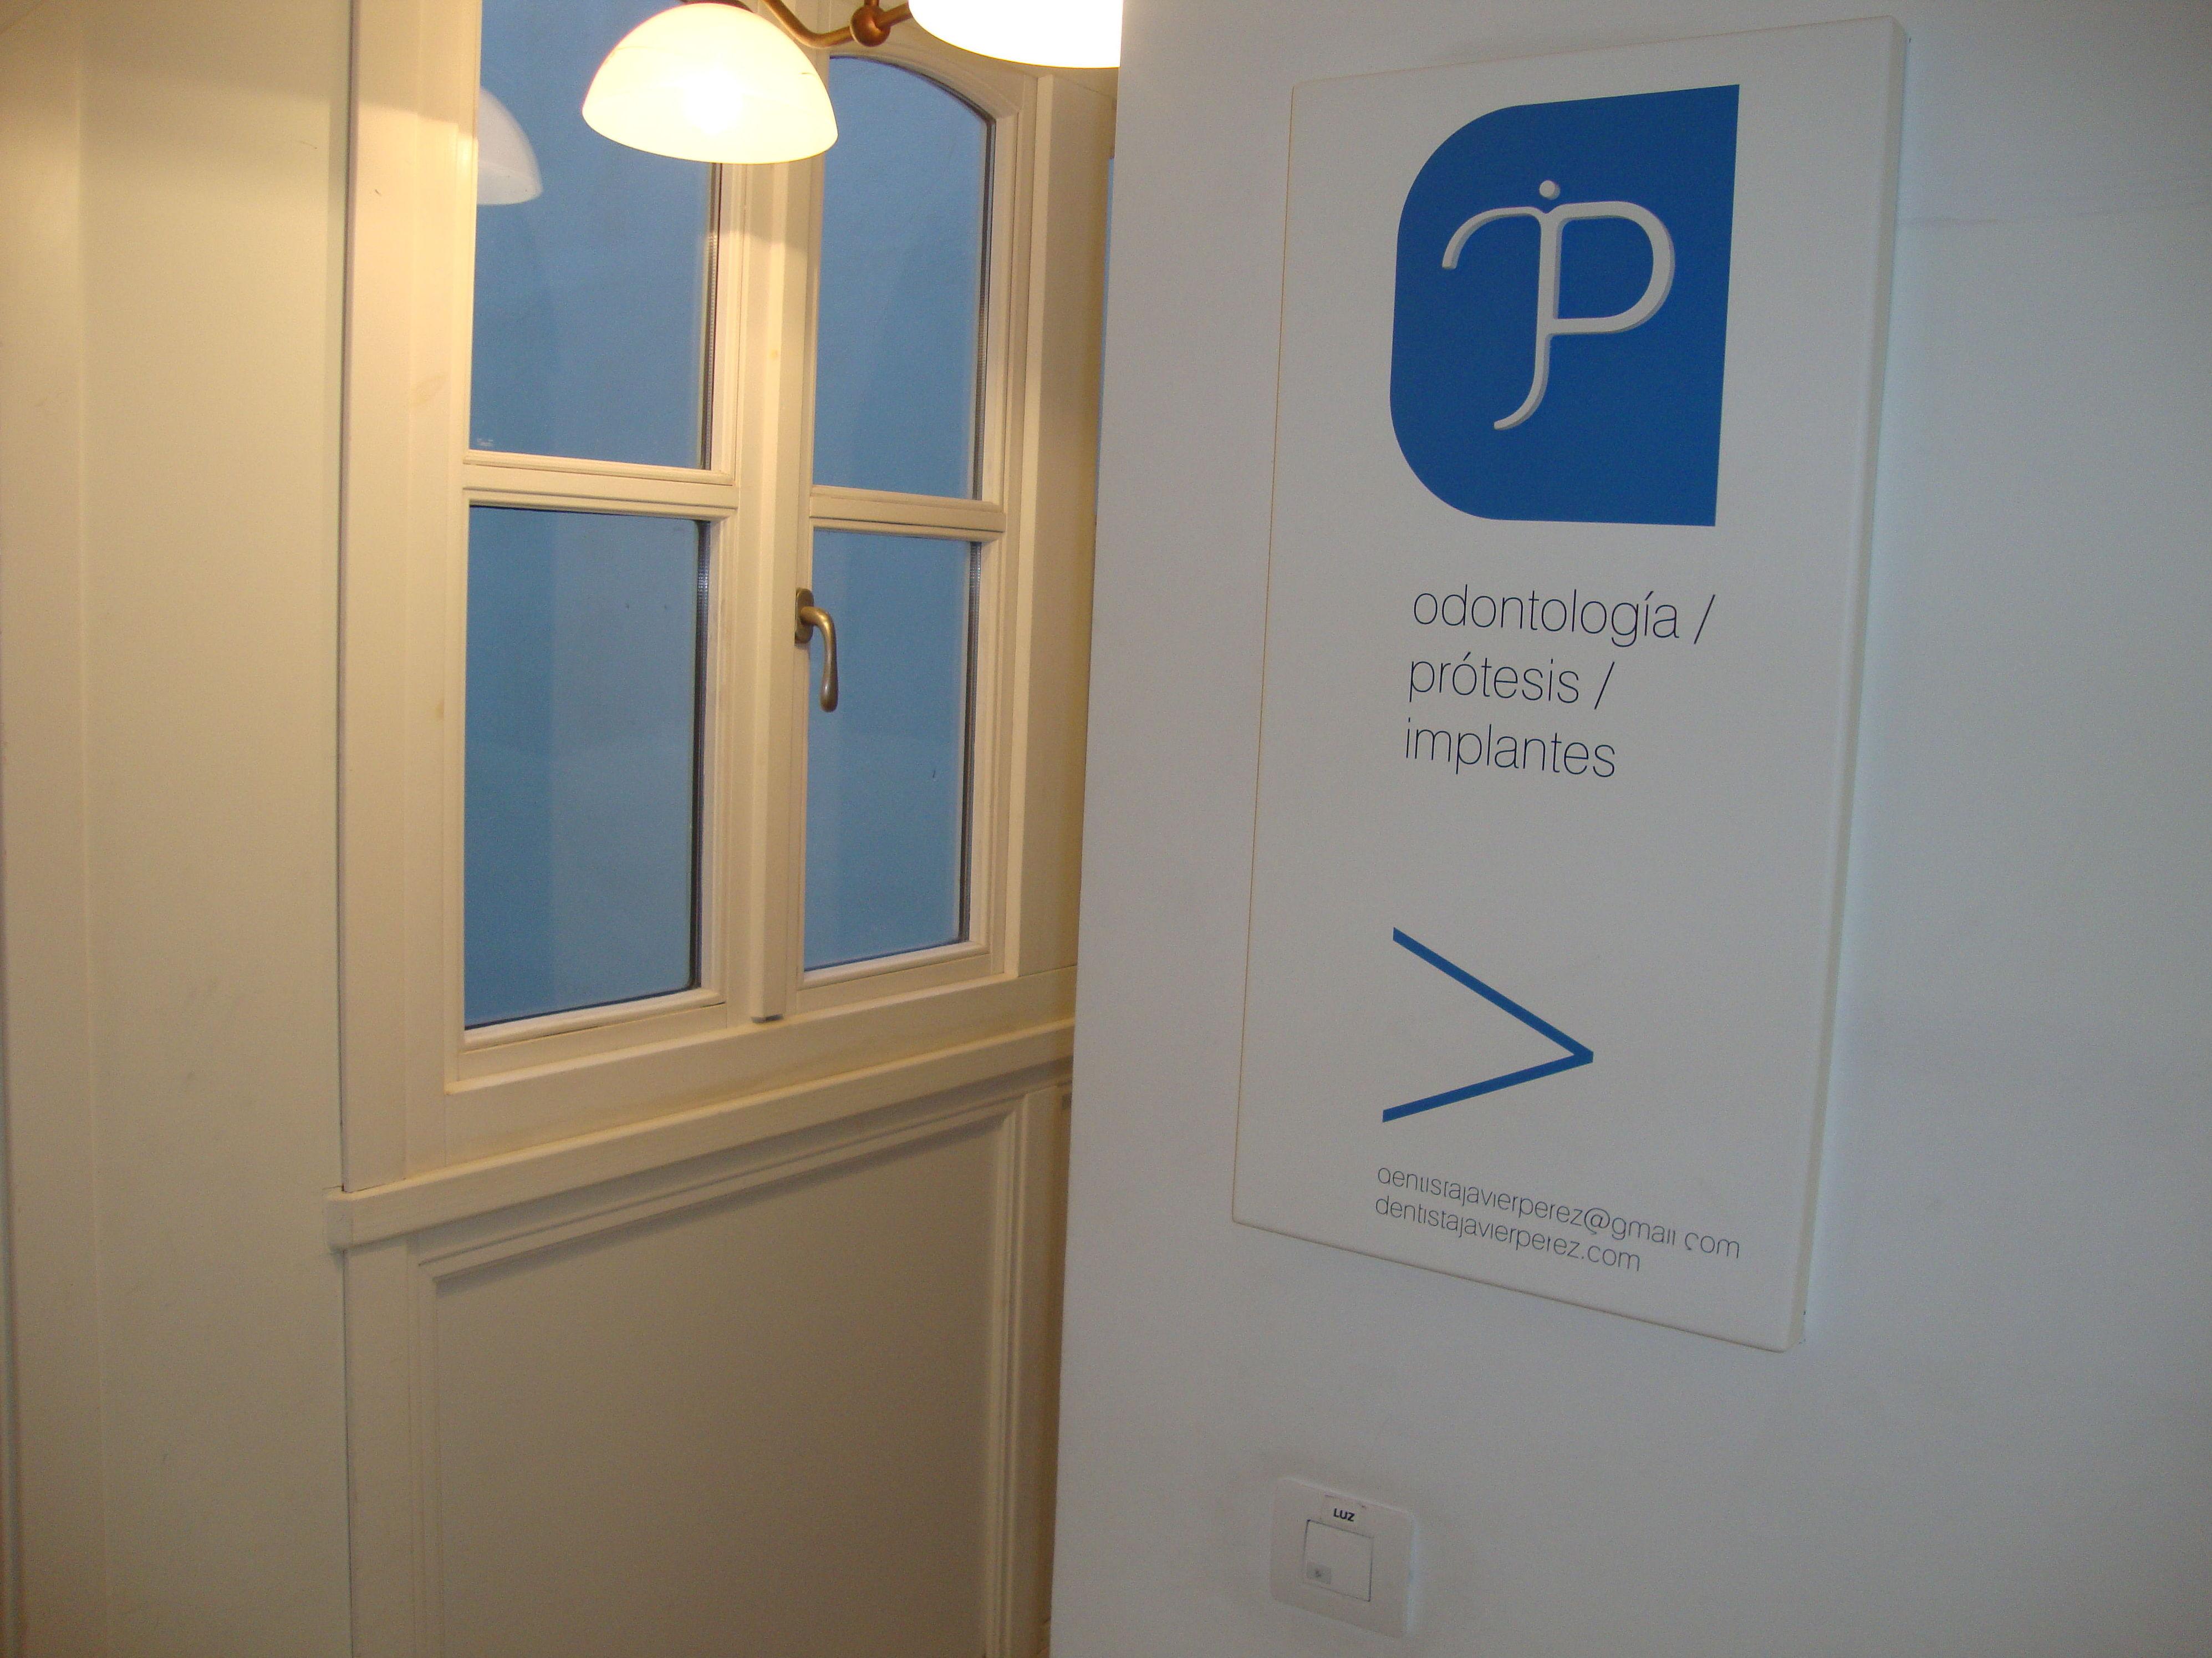 Servicio de odontología en Cádiz